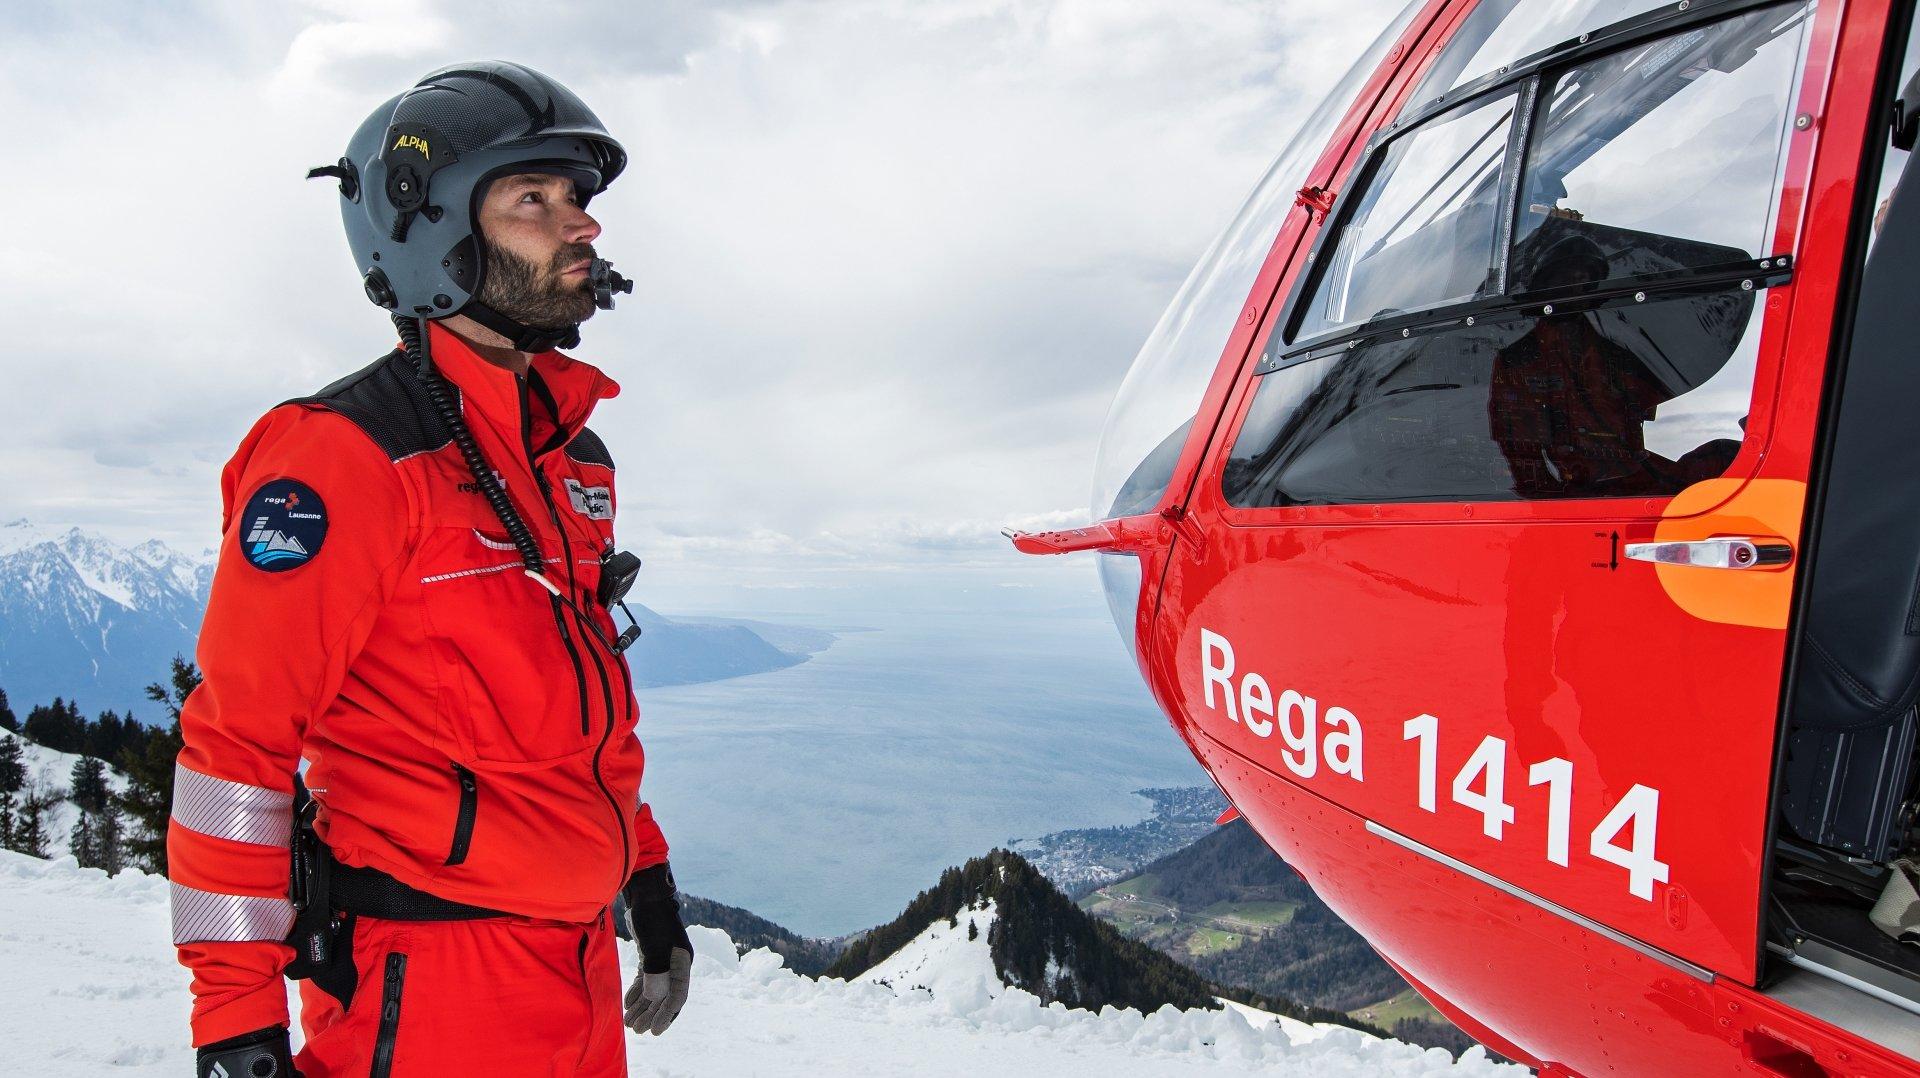 «Celui-ci, il ne va pas mourir aujourd'hui»: comment un ambulancier a sauvé un Neuchâtelois pris dans une avalanche